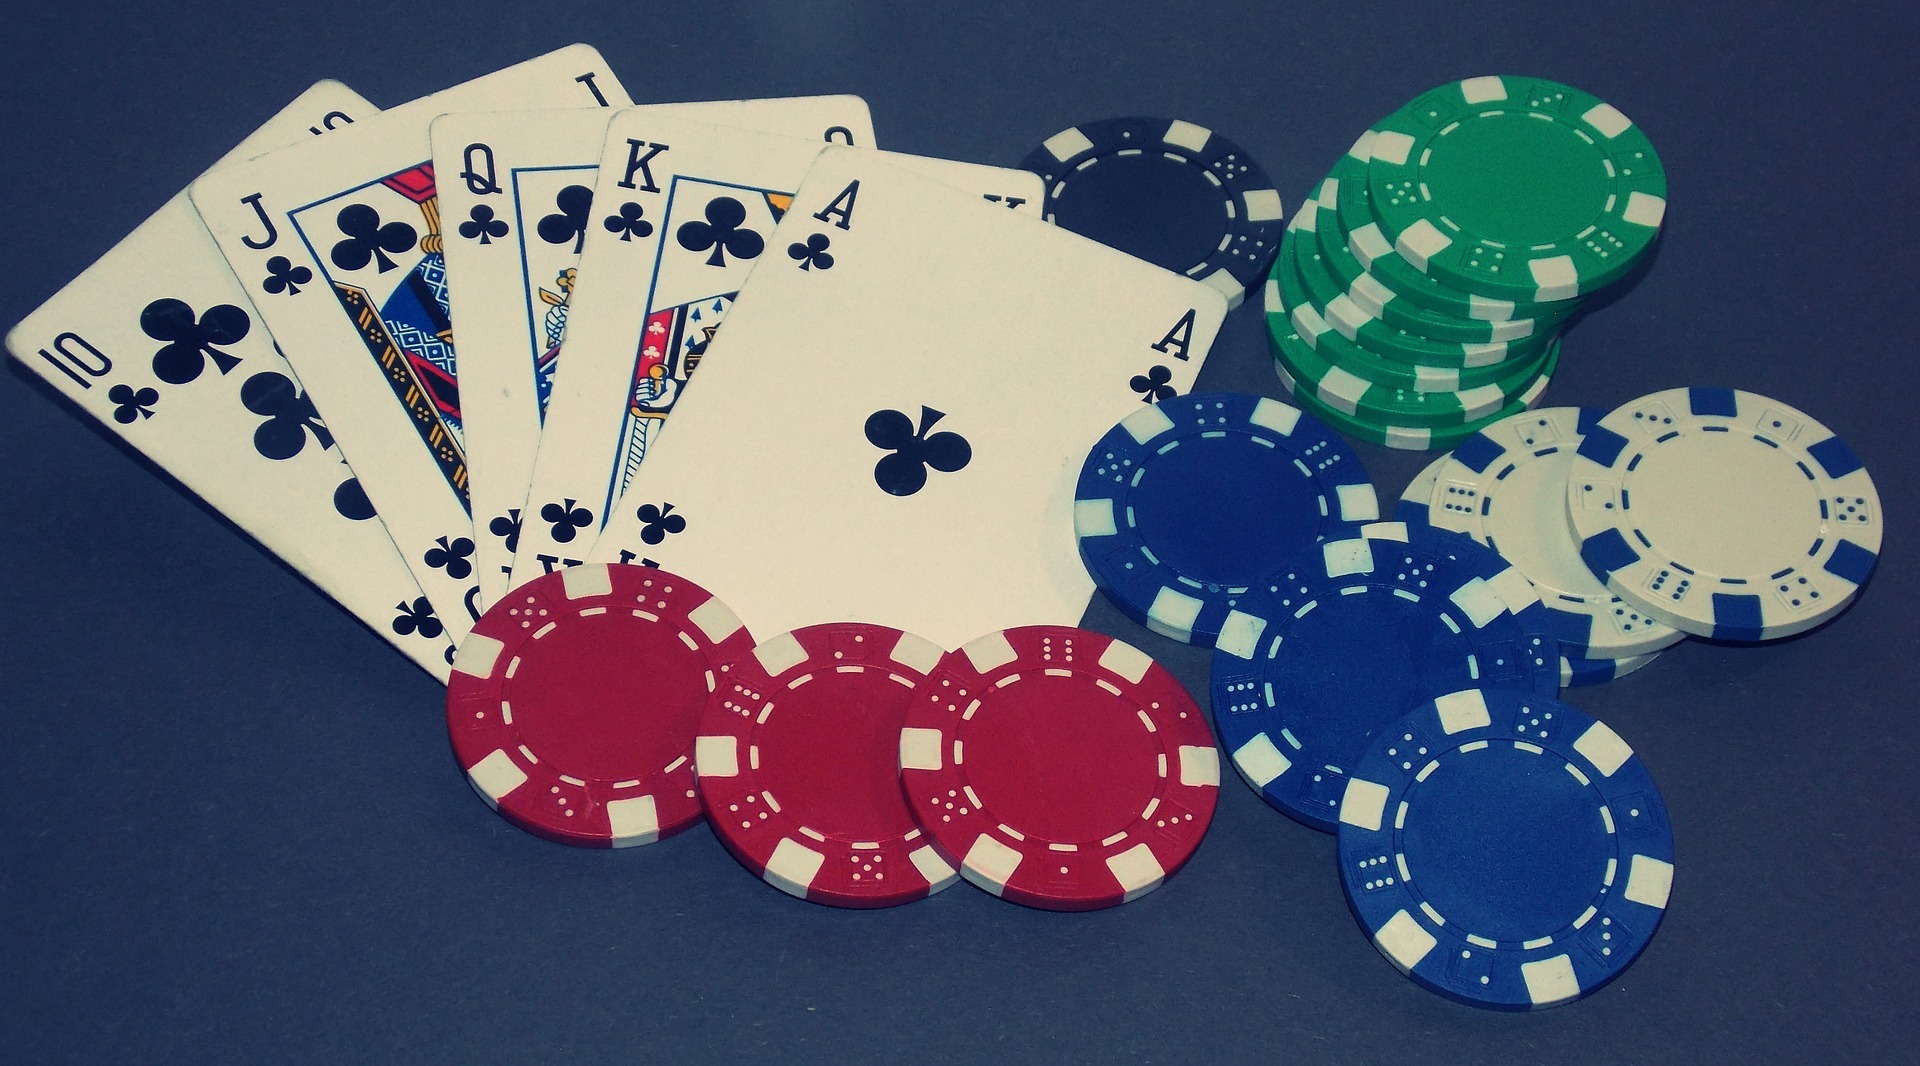 Секрет покера казино как напугать казино